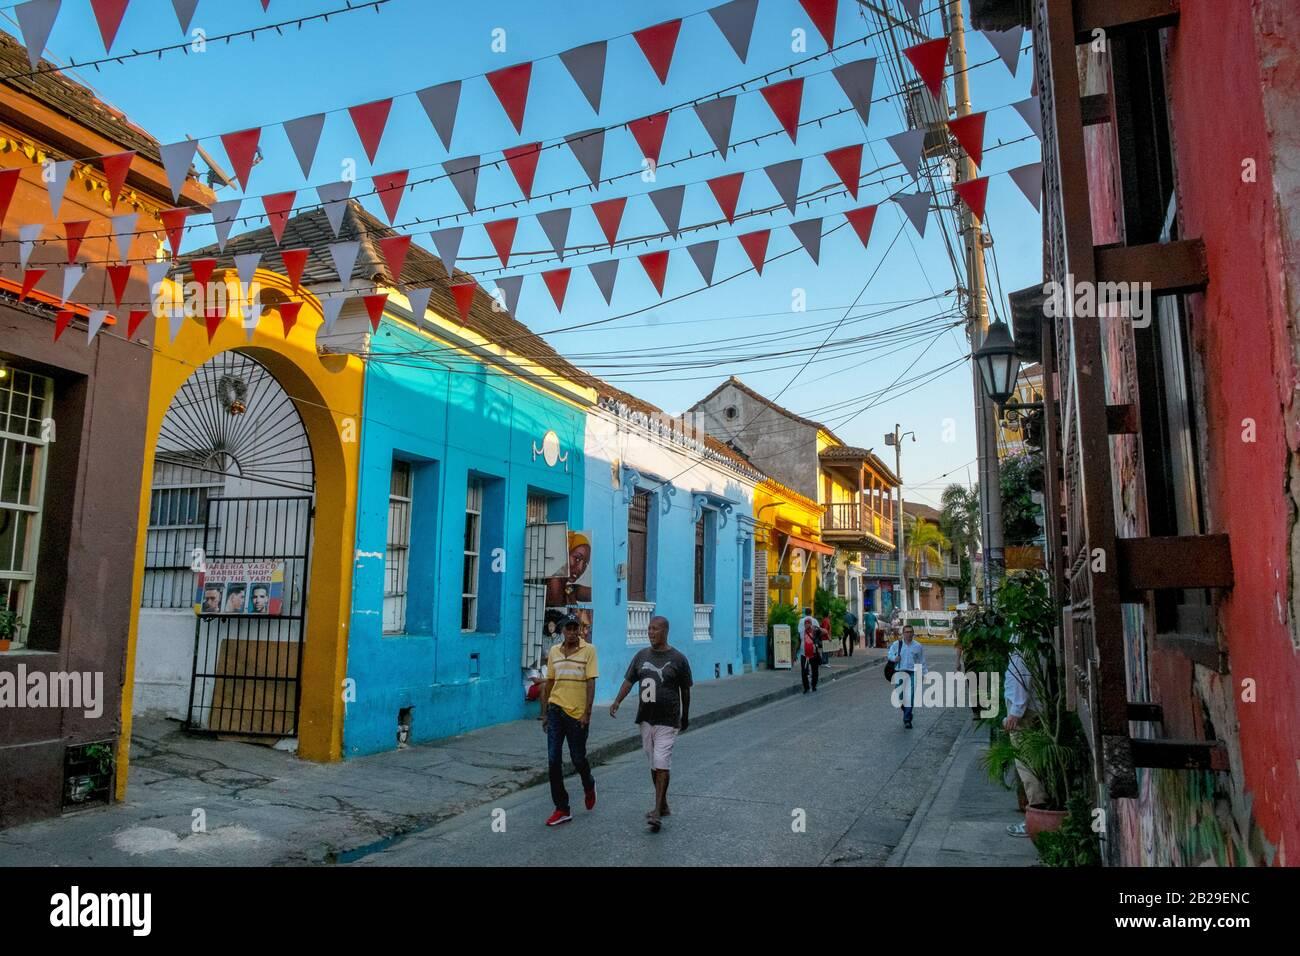 Gente caminando por casas coloridas en el Barrio Getsemaní, Cartagena, Colombia Foto de stock